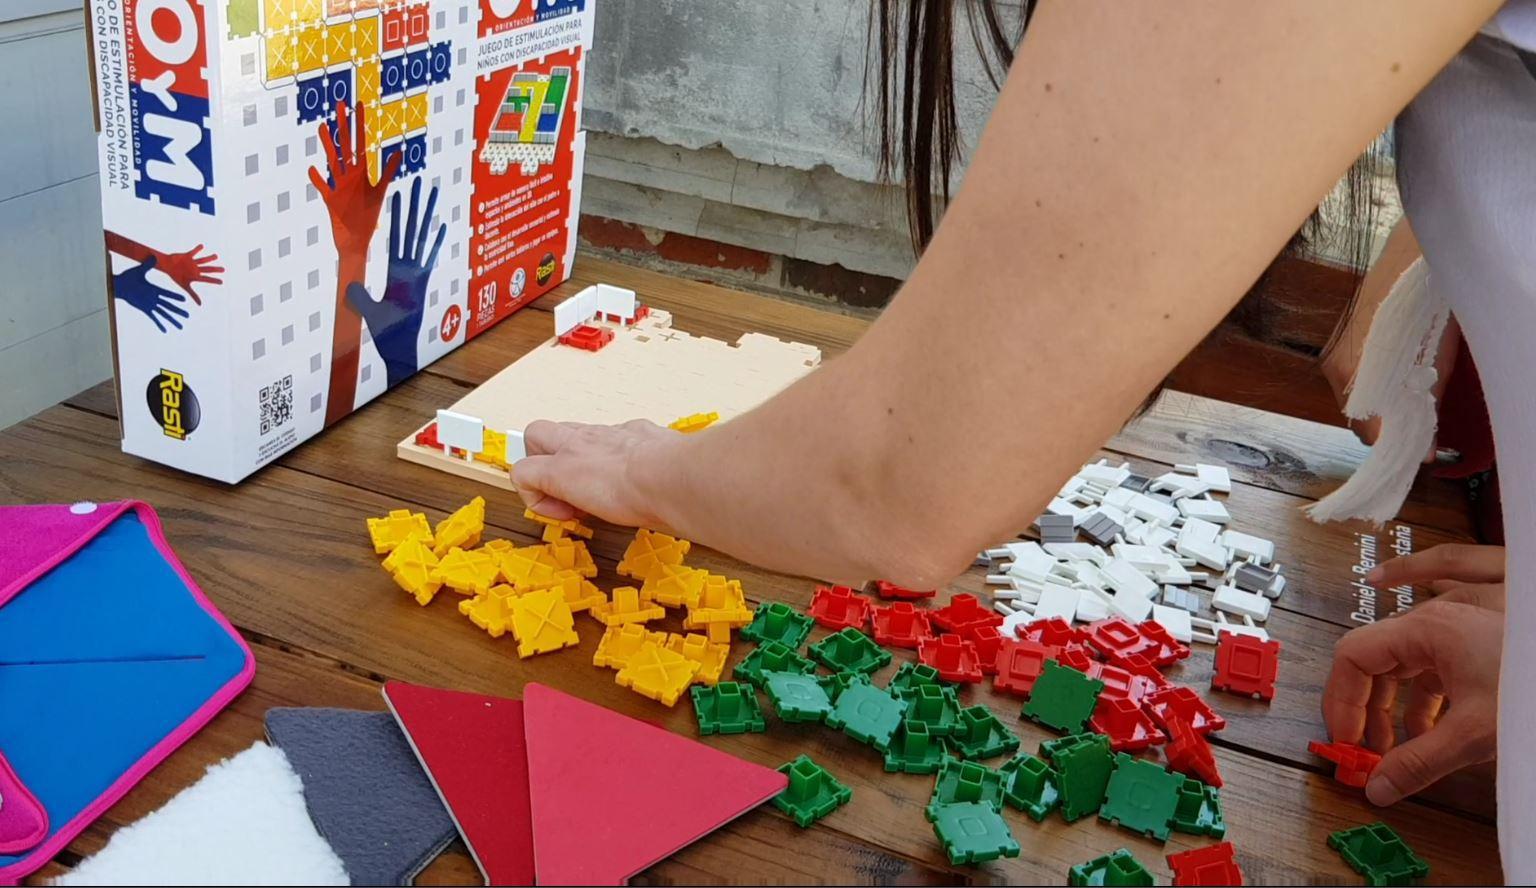 Algunos de los ganadores del concurso en sus ediciones anteriores ya consiguieron que sus juguetes fueran producidos comercialmente.